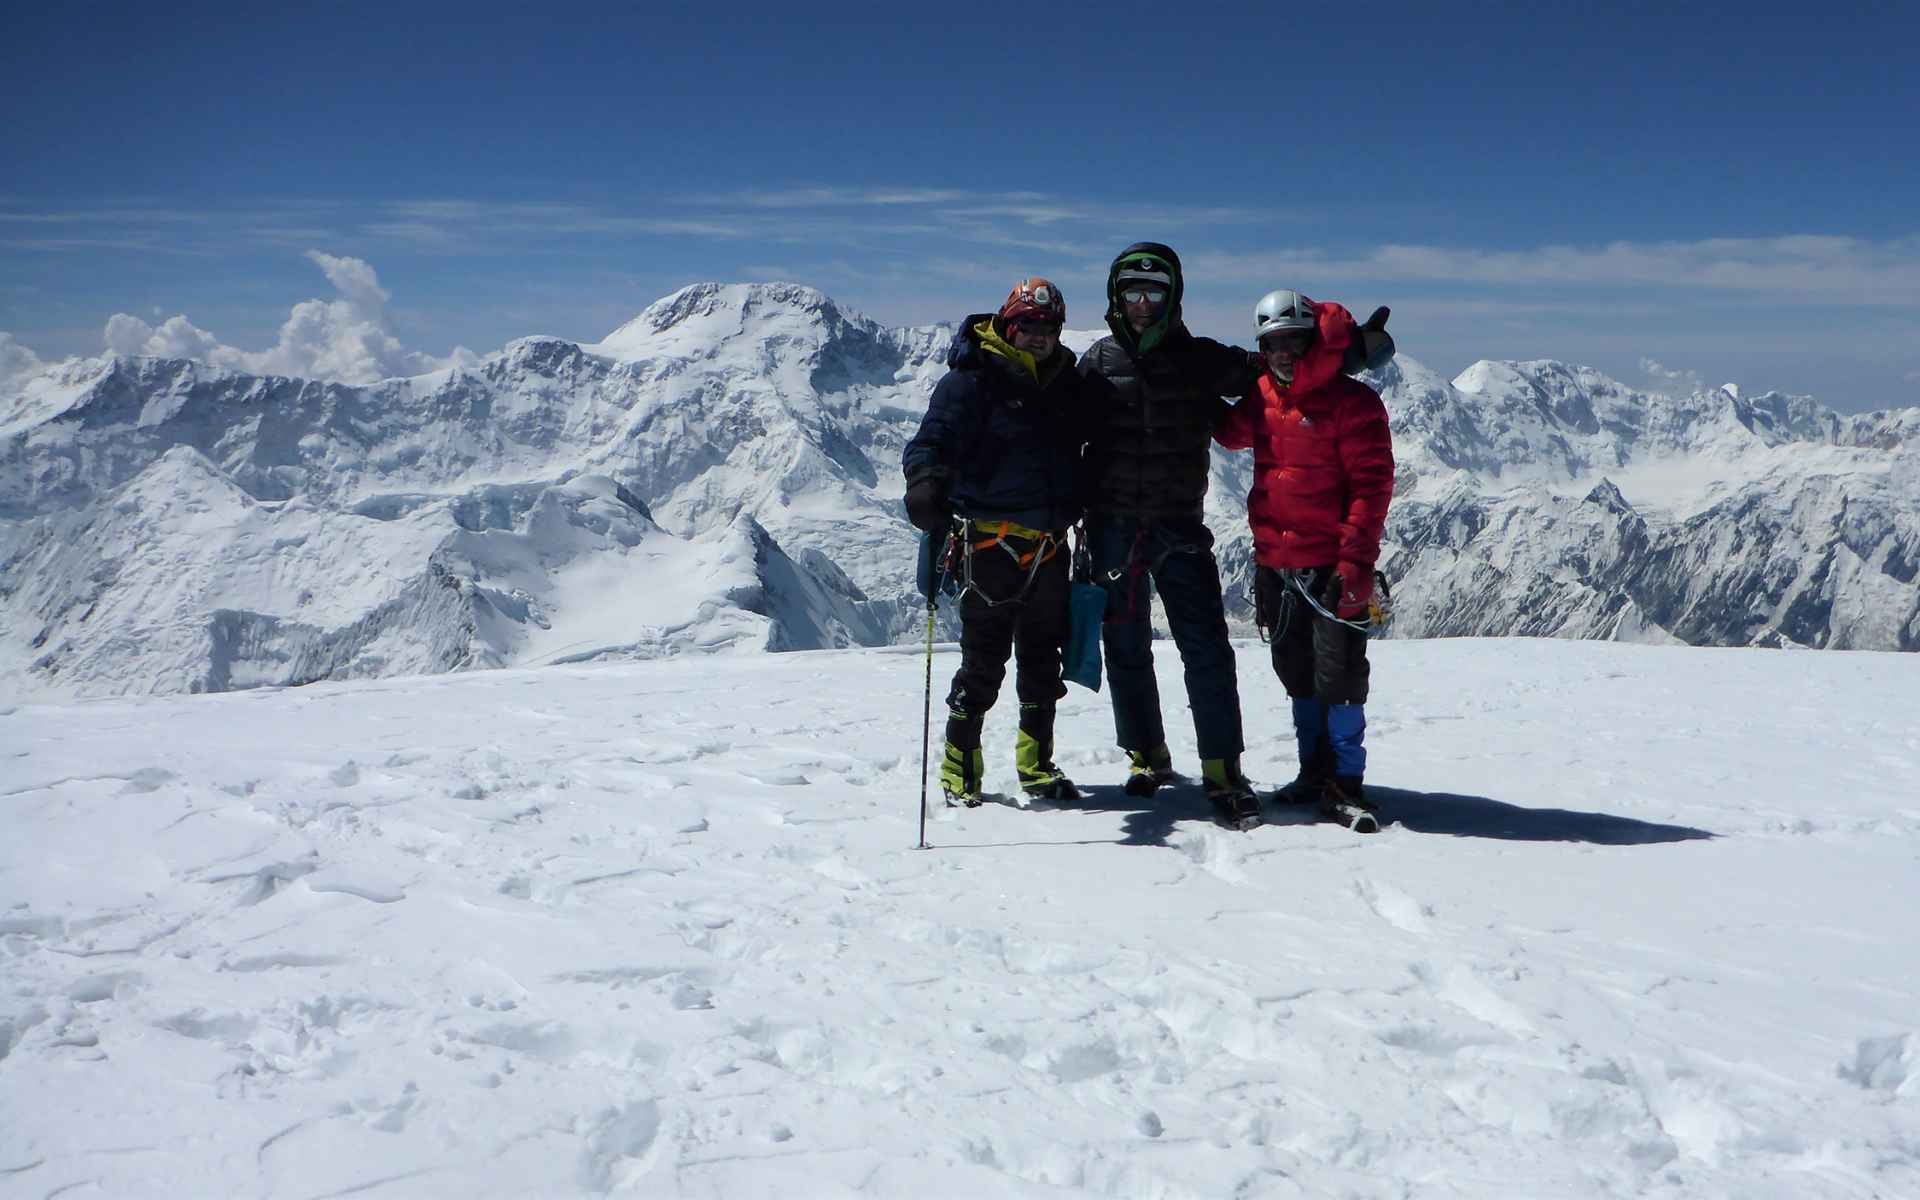 Op de top staan we op het drielandenpunt van Kazachstan, Kirgizië en China.